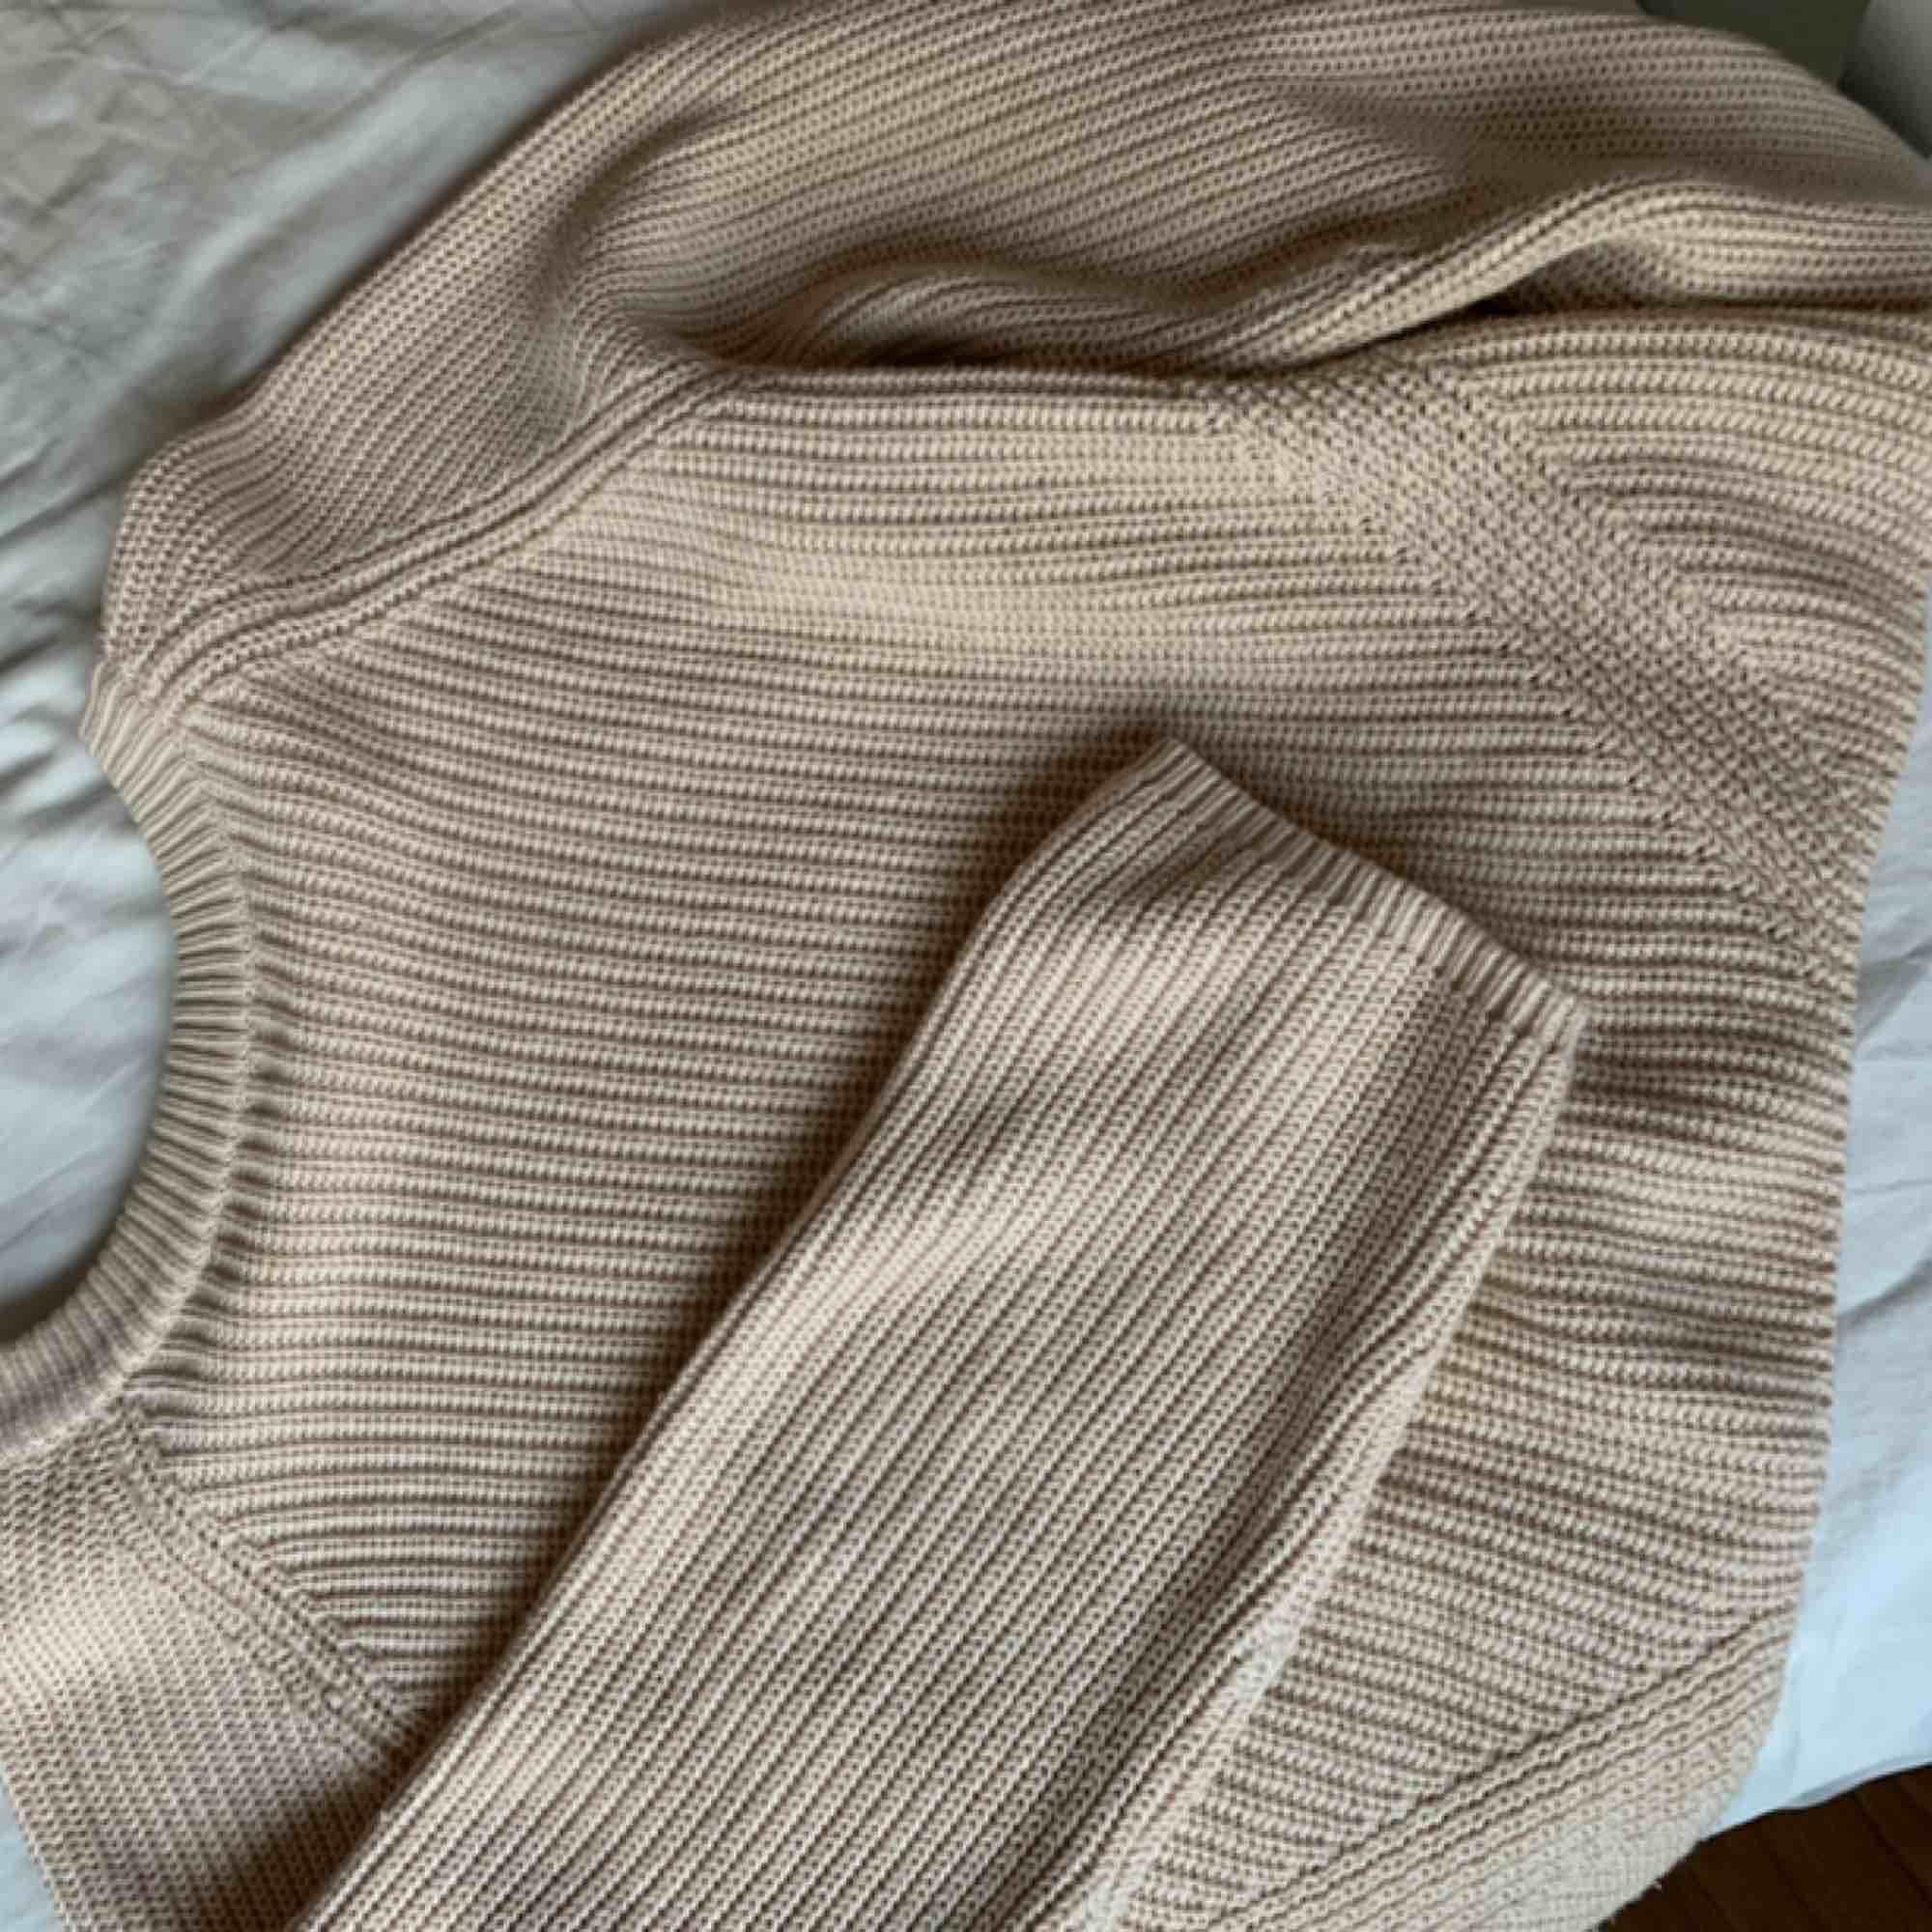 Jättefin stickad tröja i rosa/beige. Inte mycket använd från Gina tricot. Stickat.